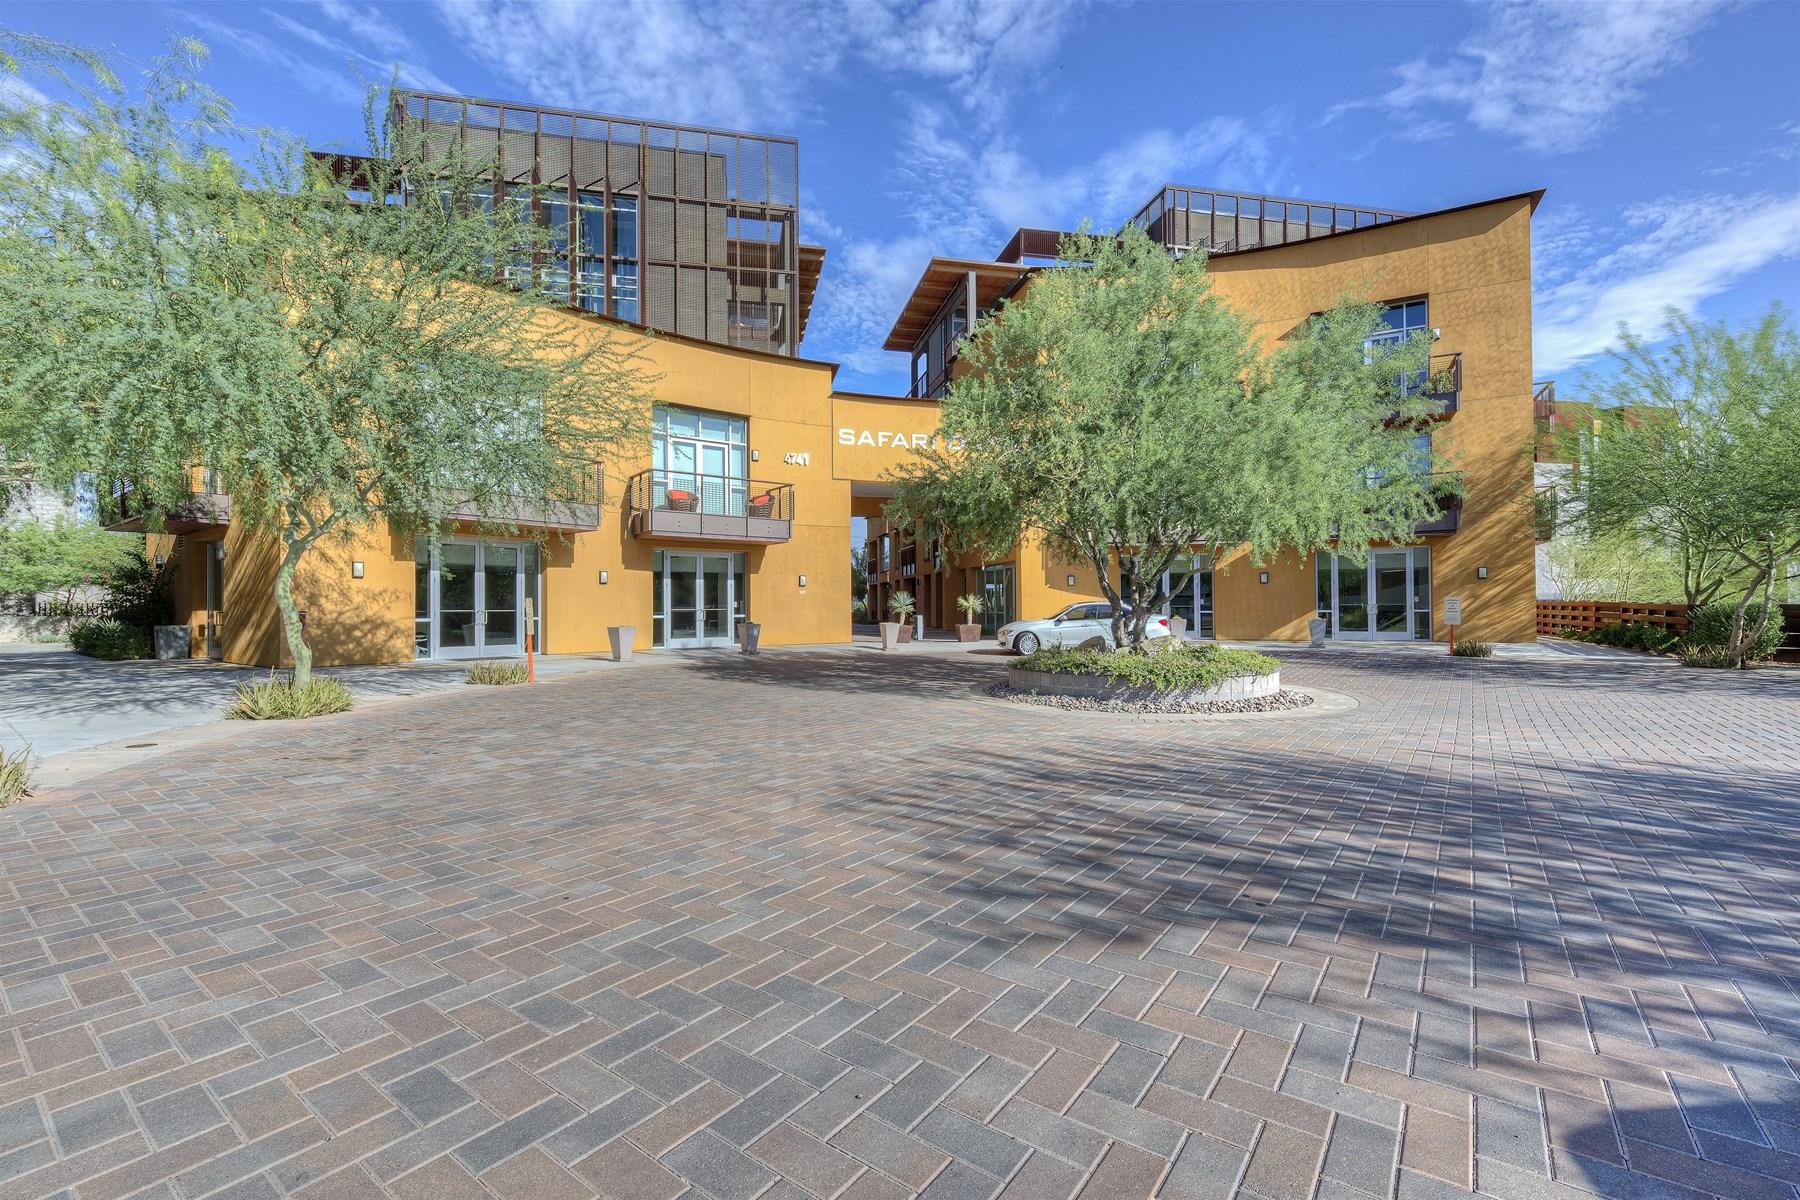 아파트 용 매매 에 Tremendous condo in exclusive Safari Drive. 4739 N Scottsdale RD 2001 Scottsdale, 아리조나 85251 미국